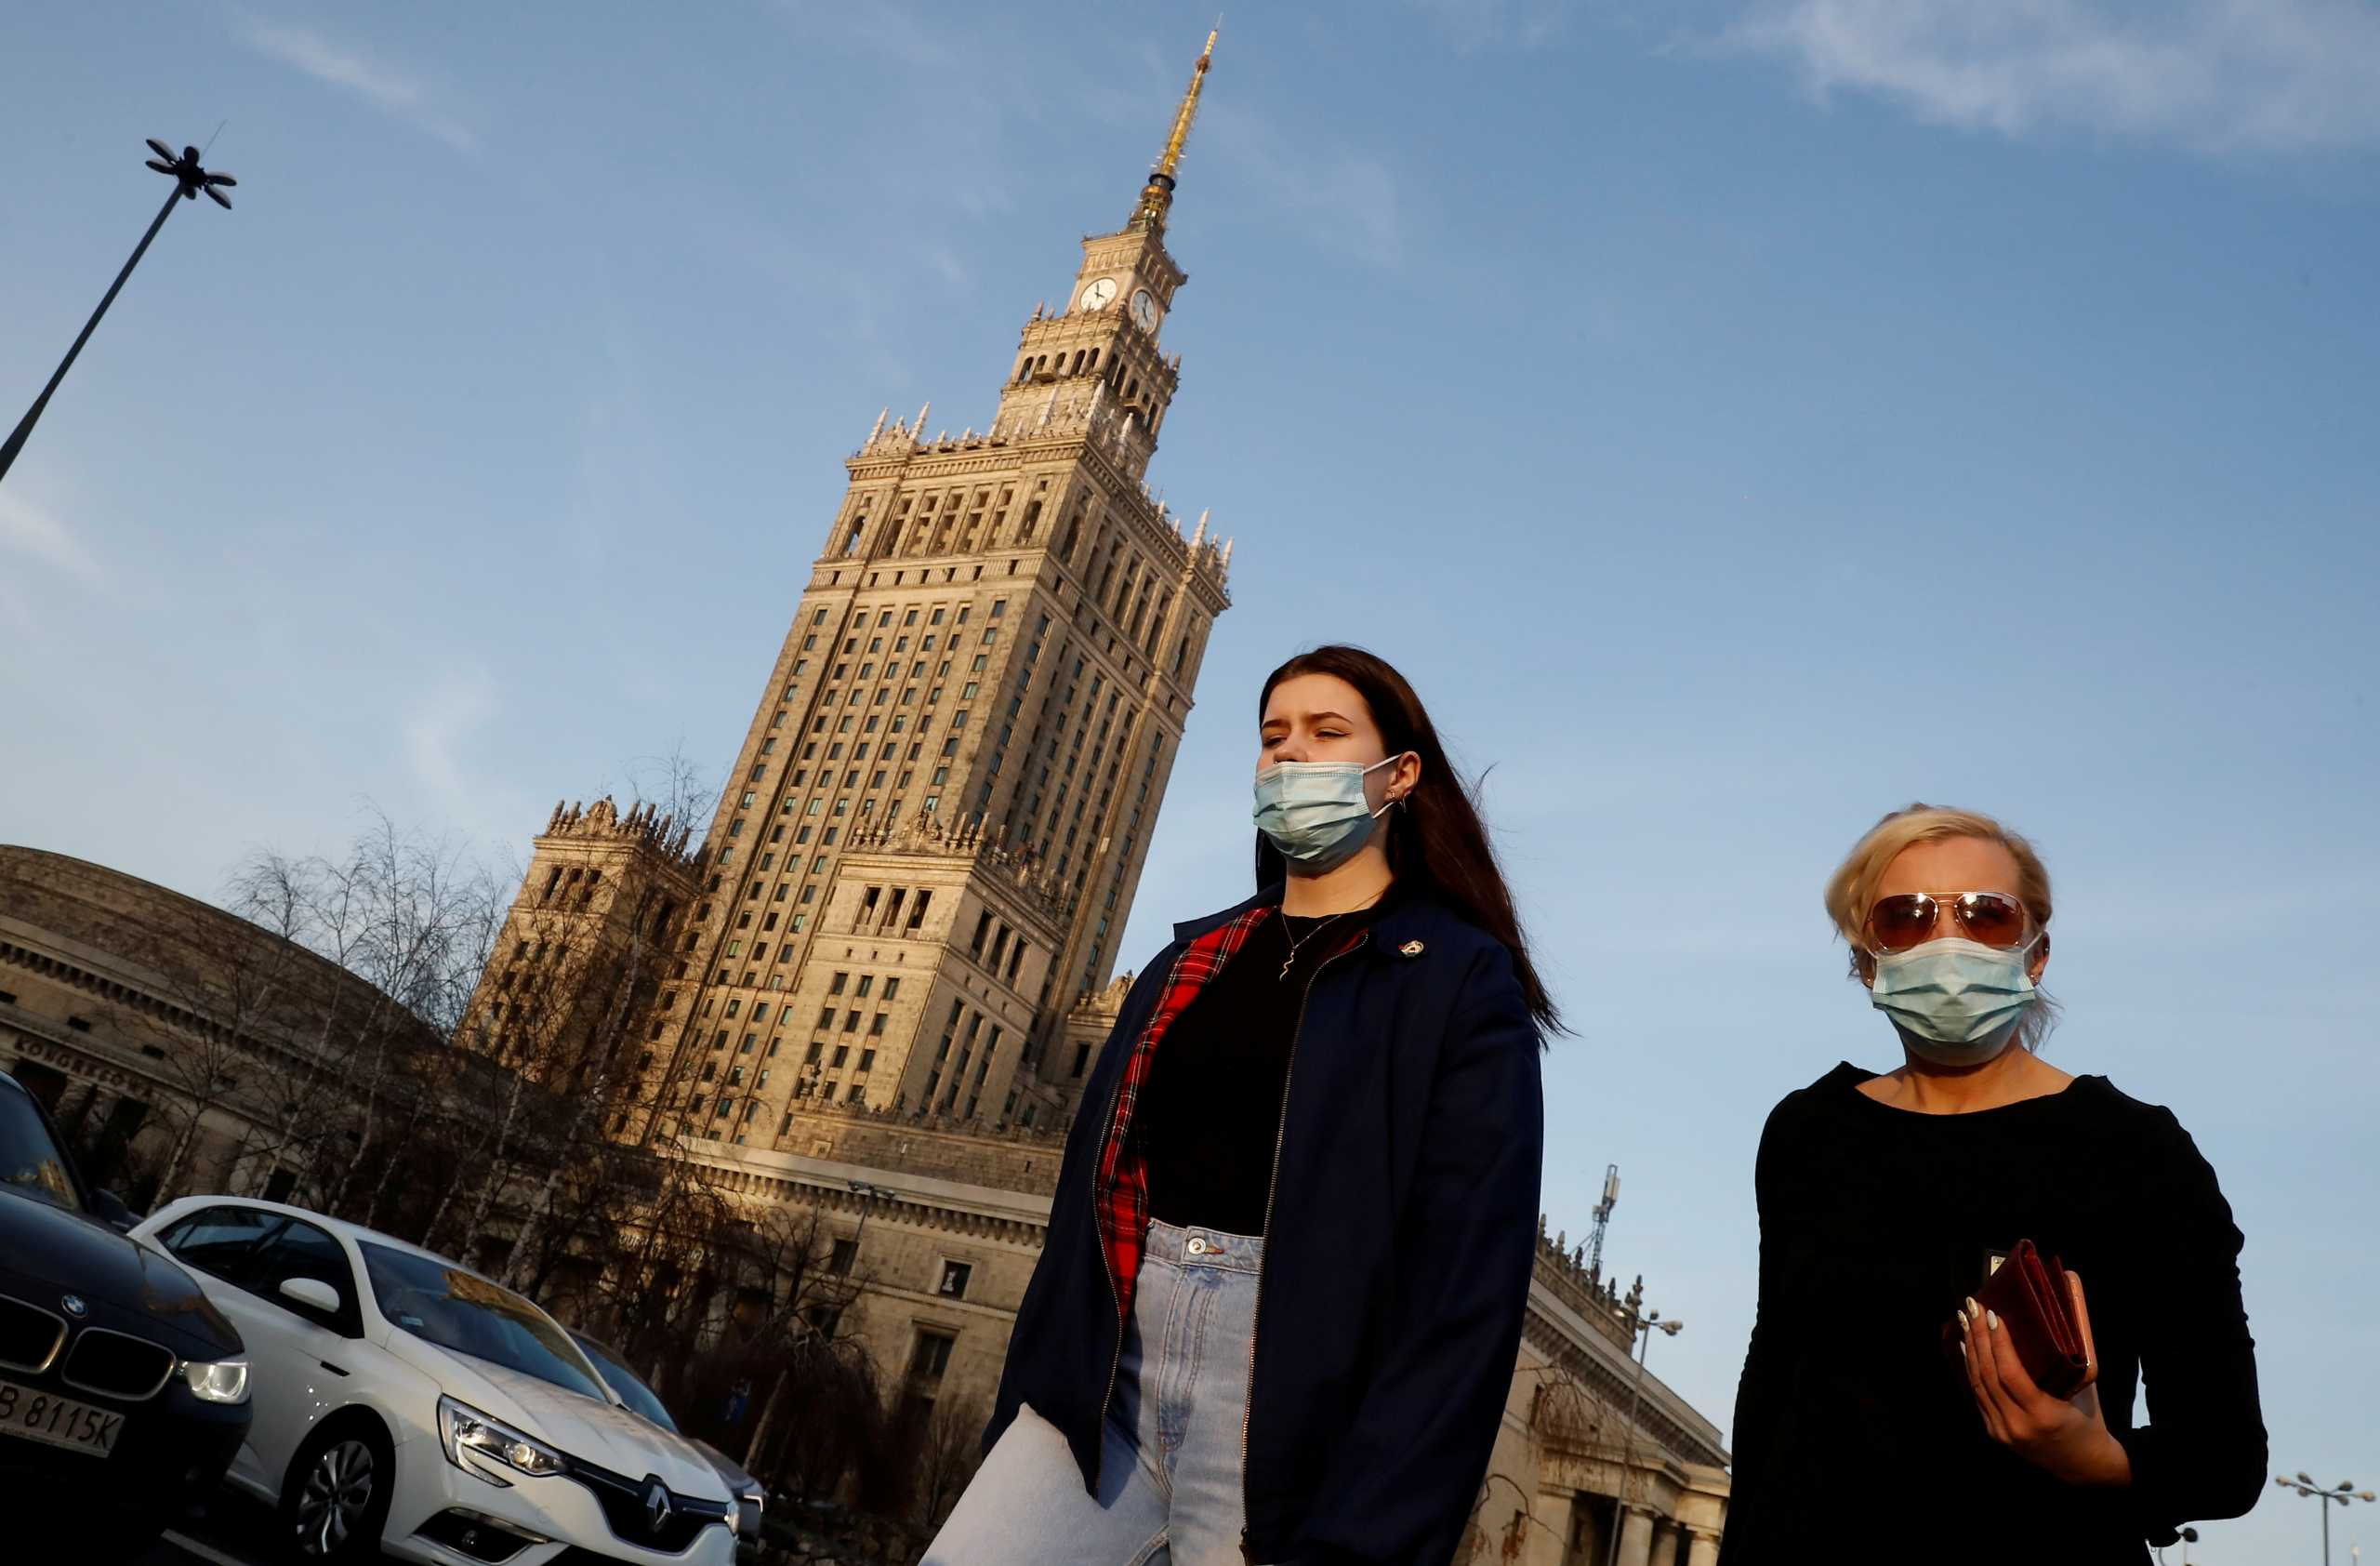 Πολωνία – κορονοϊός: Αυστηρότερα μέτρα μετά την αναζωπύρωση της πανδημίας